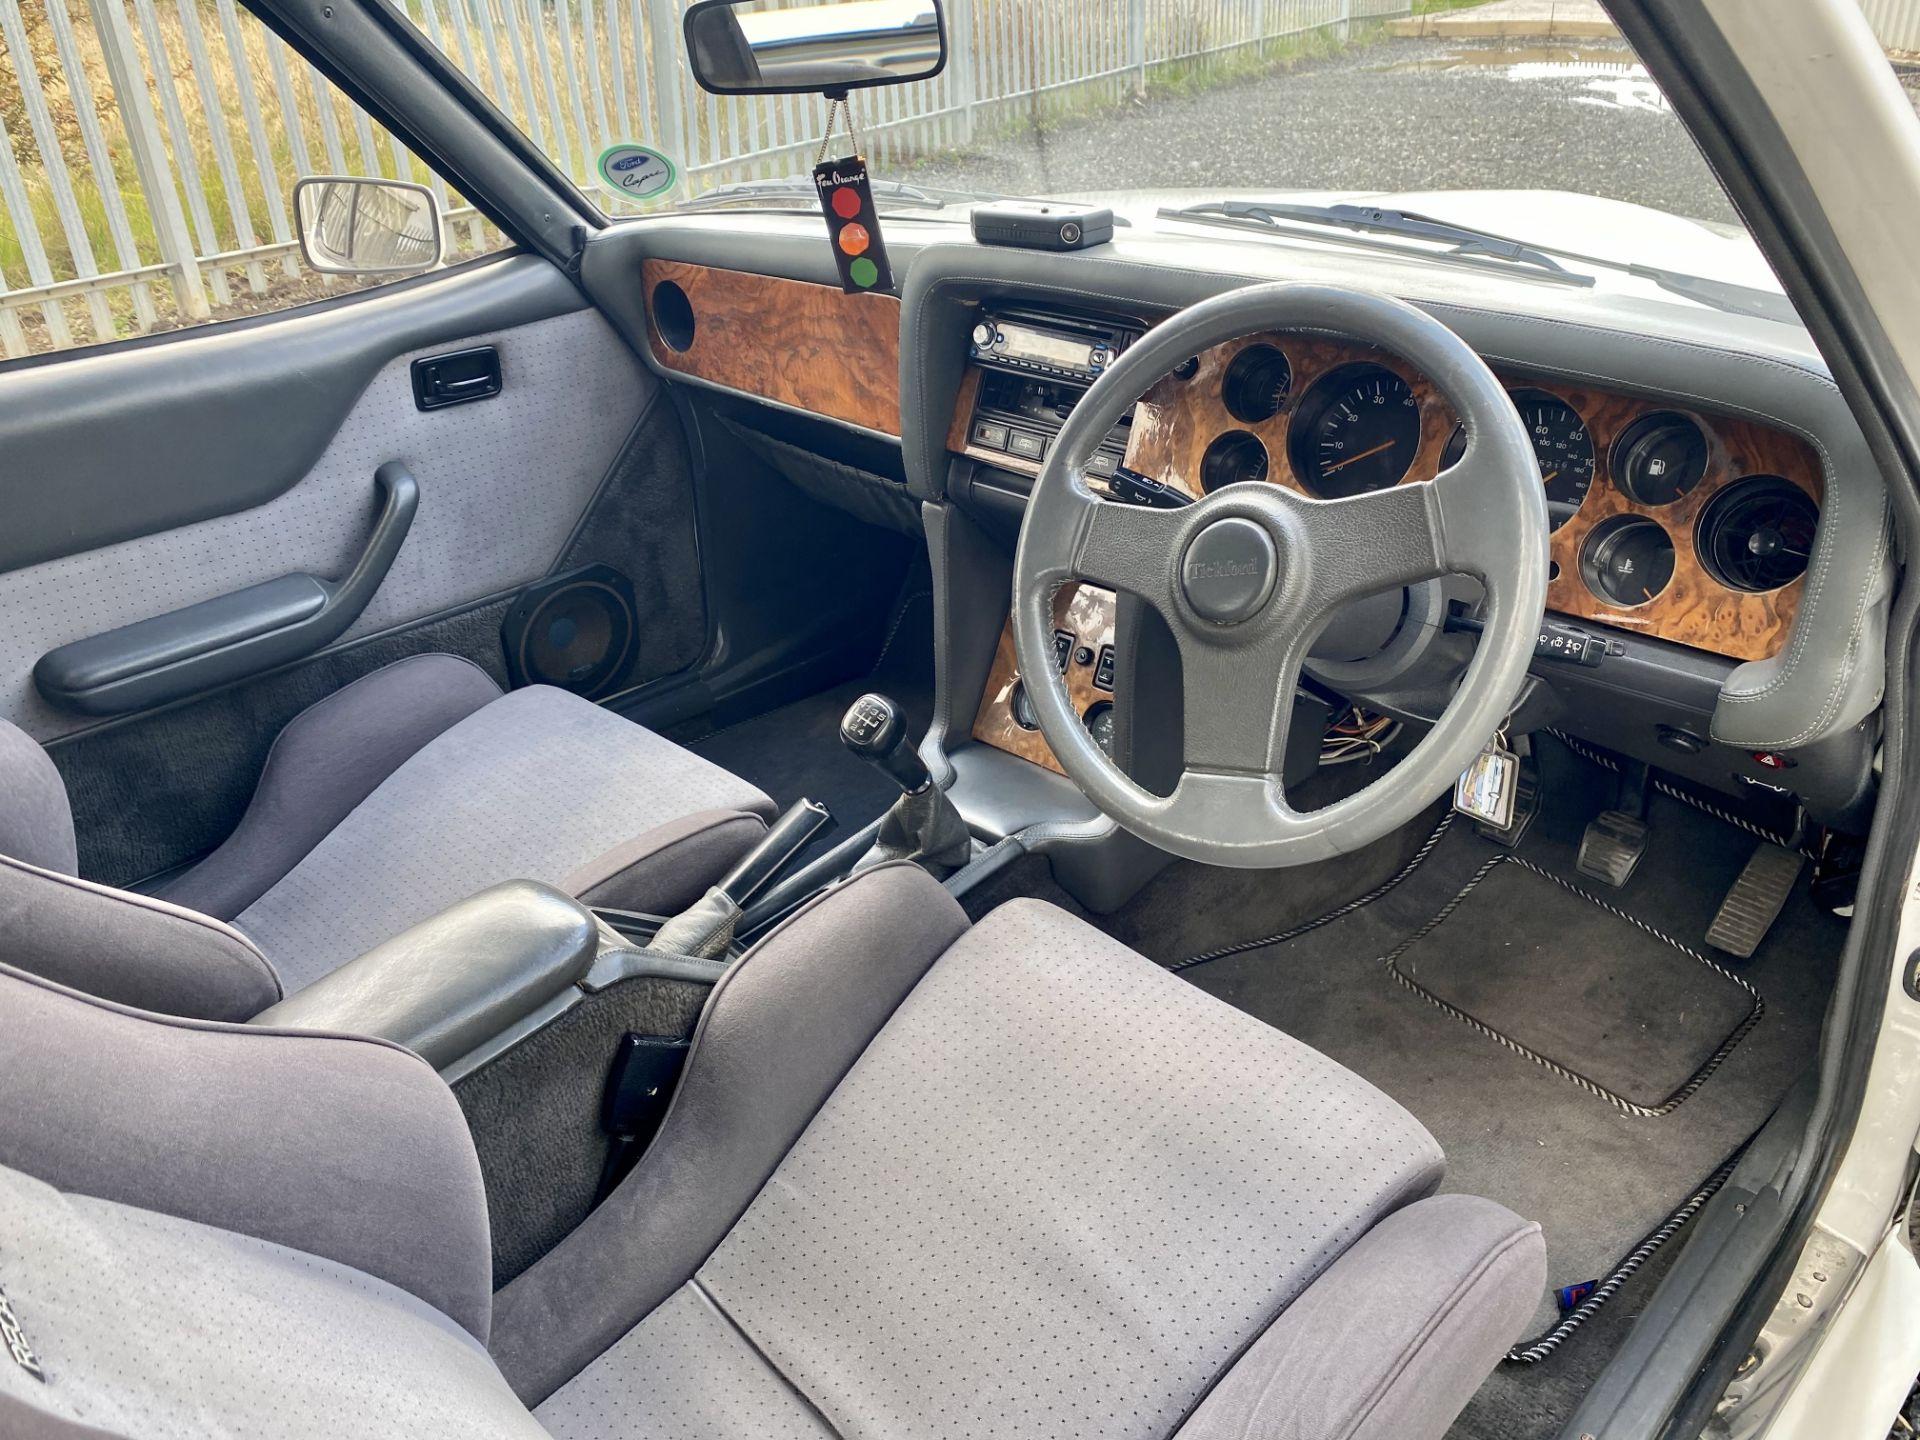 Ford Capri Tickford Turbo - Image 43 of 62